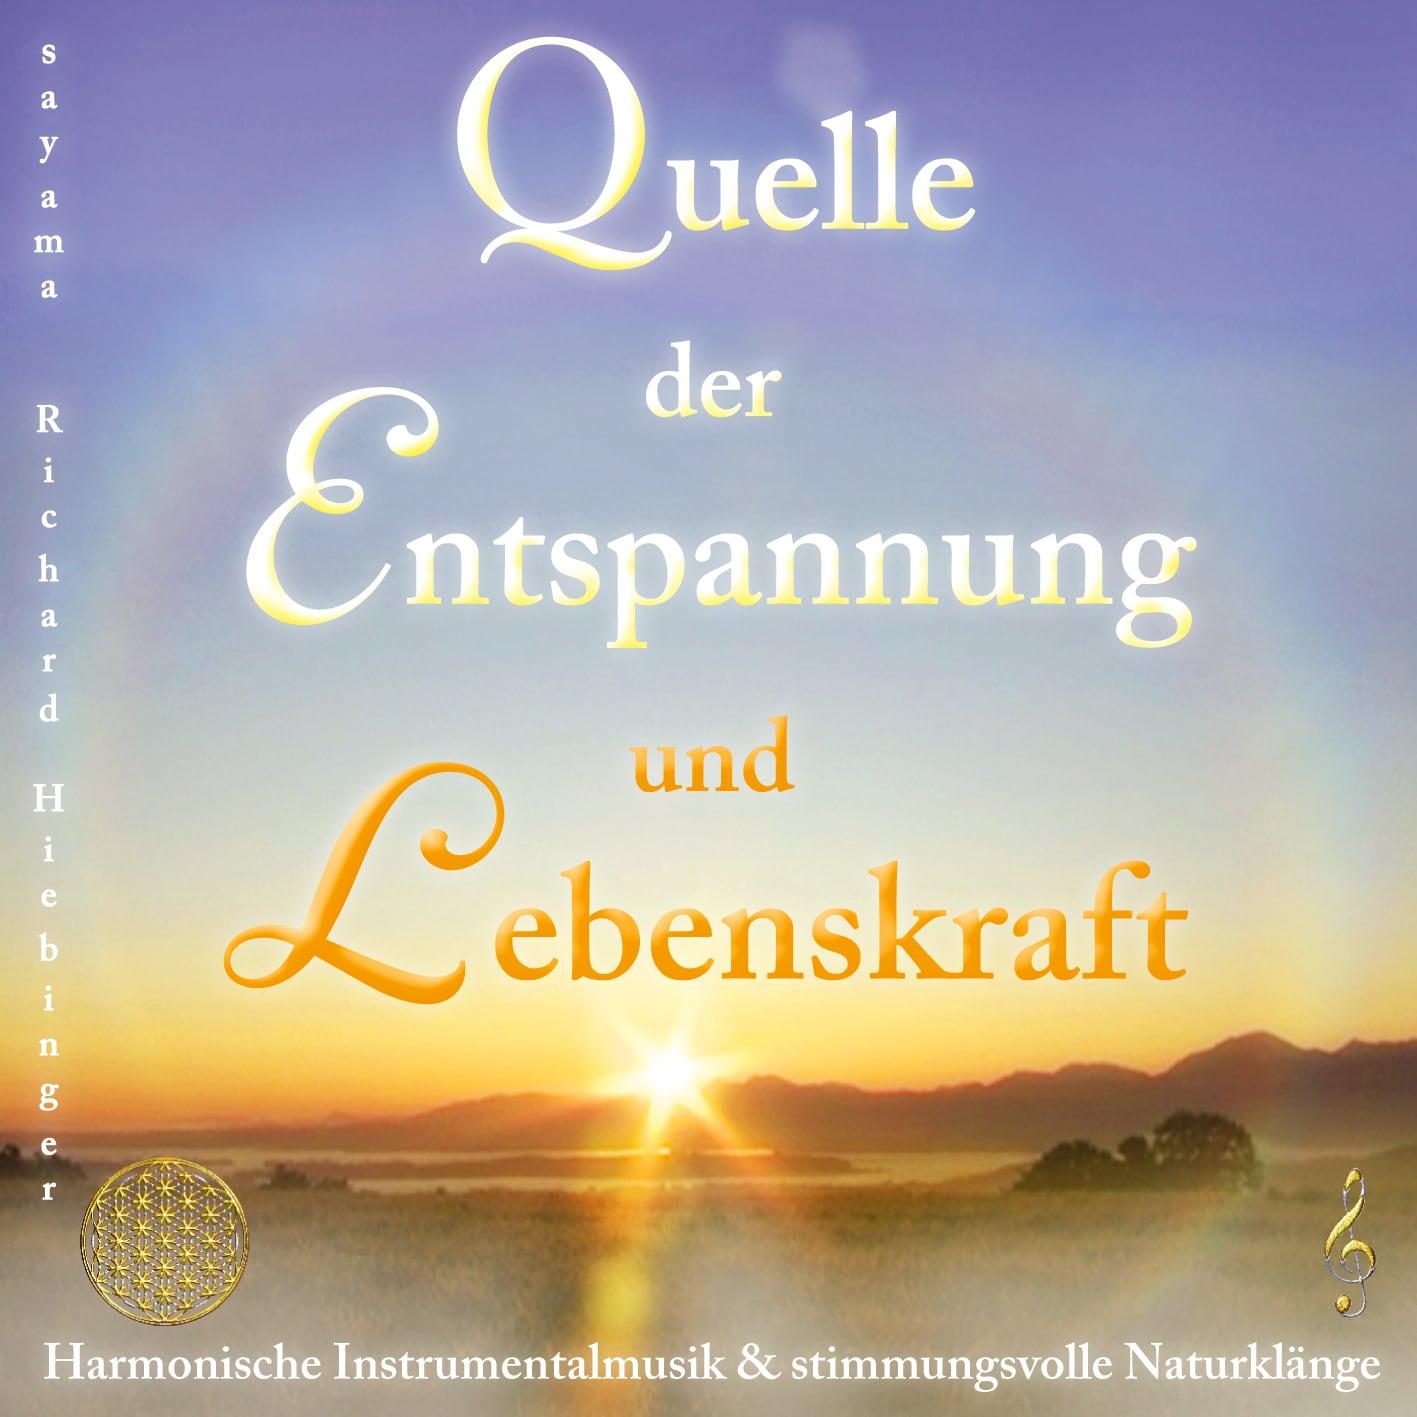 Titelbild der CD Quelle der Entspannung und Lebenskraft von Richard Hiebinger Sayama Music. Ein leichter Regenbogen über einem Sonnenuntergang mit Bergen und einem See. Die Blume des Lebens.